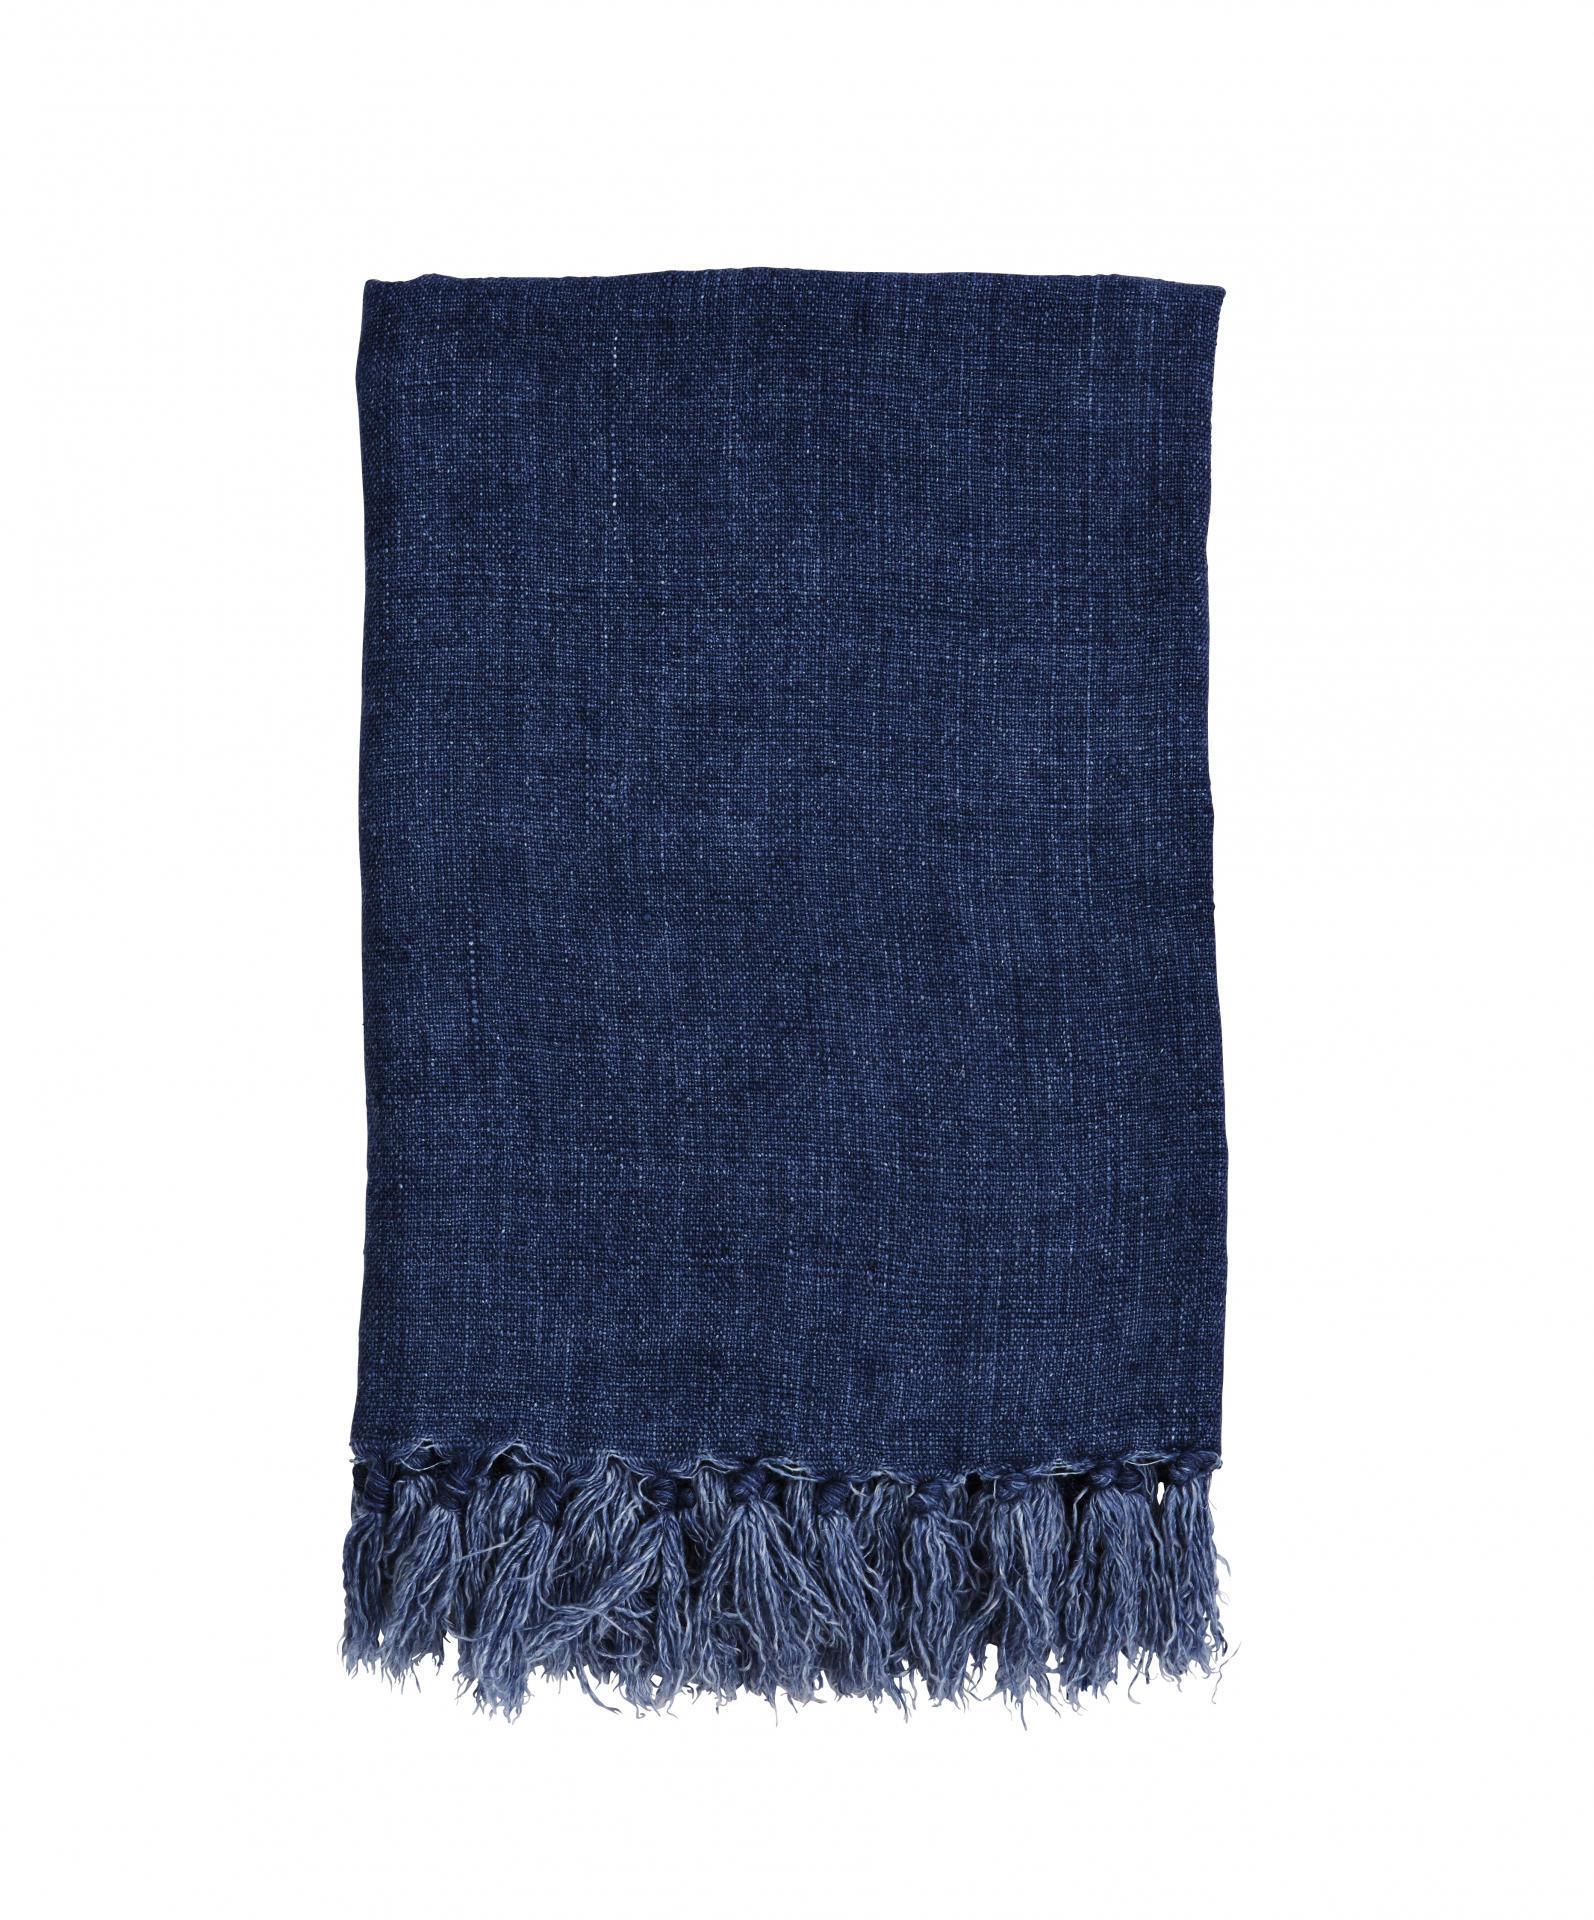 MADAM STOLTZ Lněný pléd Stonewash Blue, modrá barva, textil